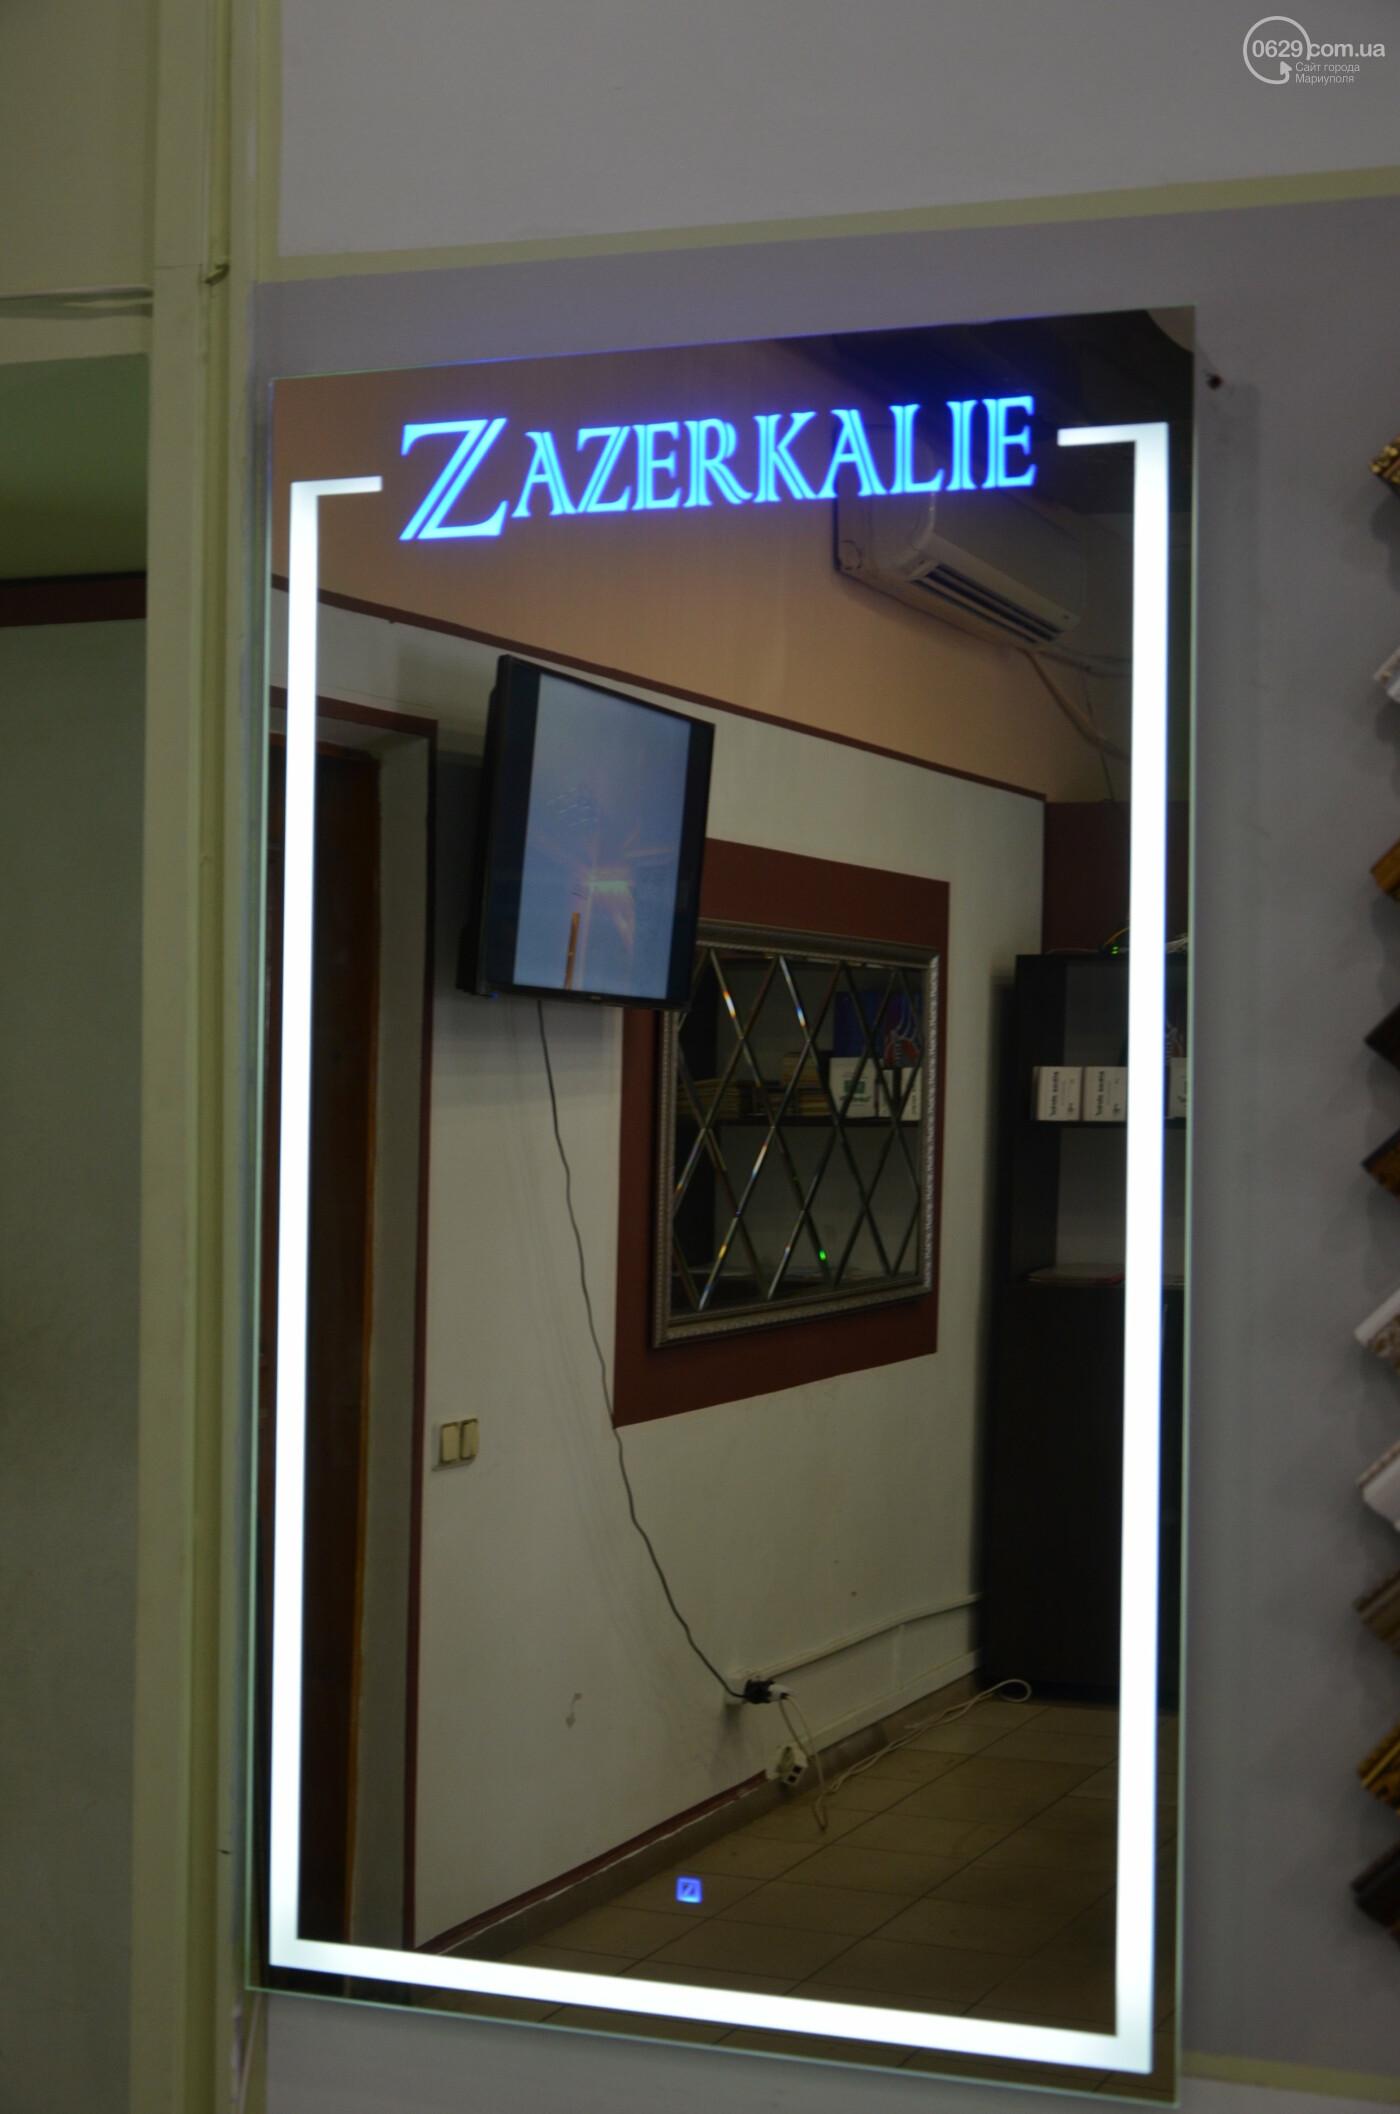 LED зеркала с логотипом заказчика от компании  «Zazerkalie»  – современные и стильные элементы интерьера, фото-1